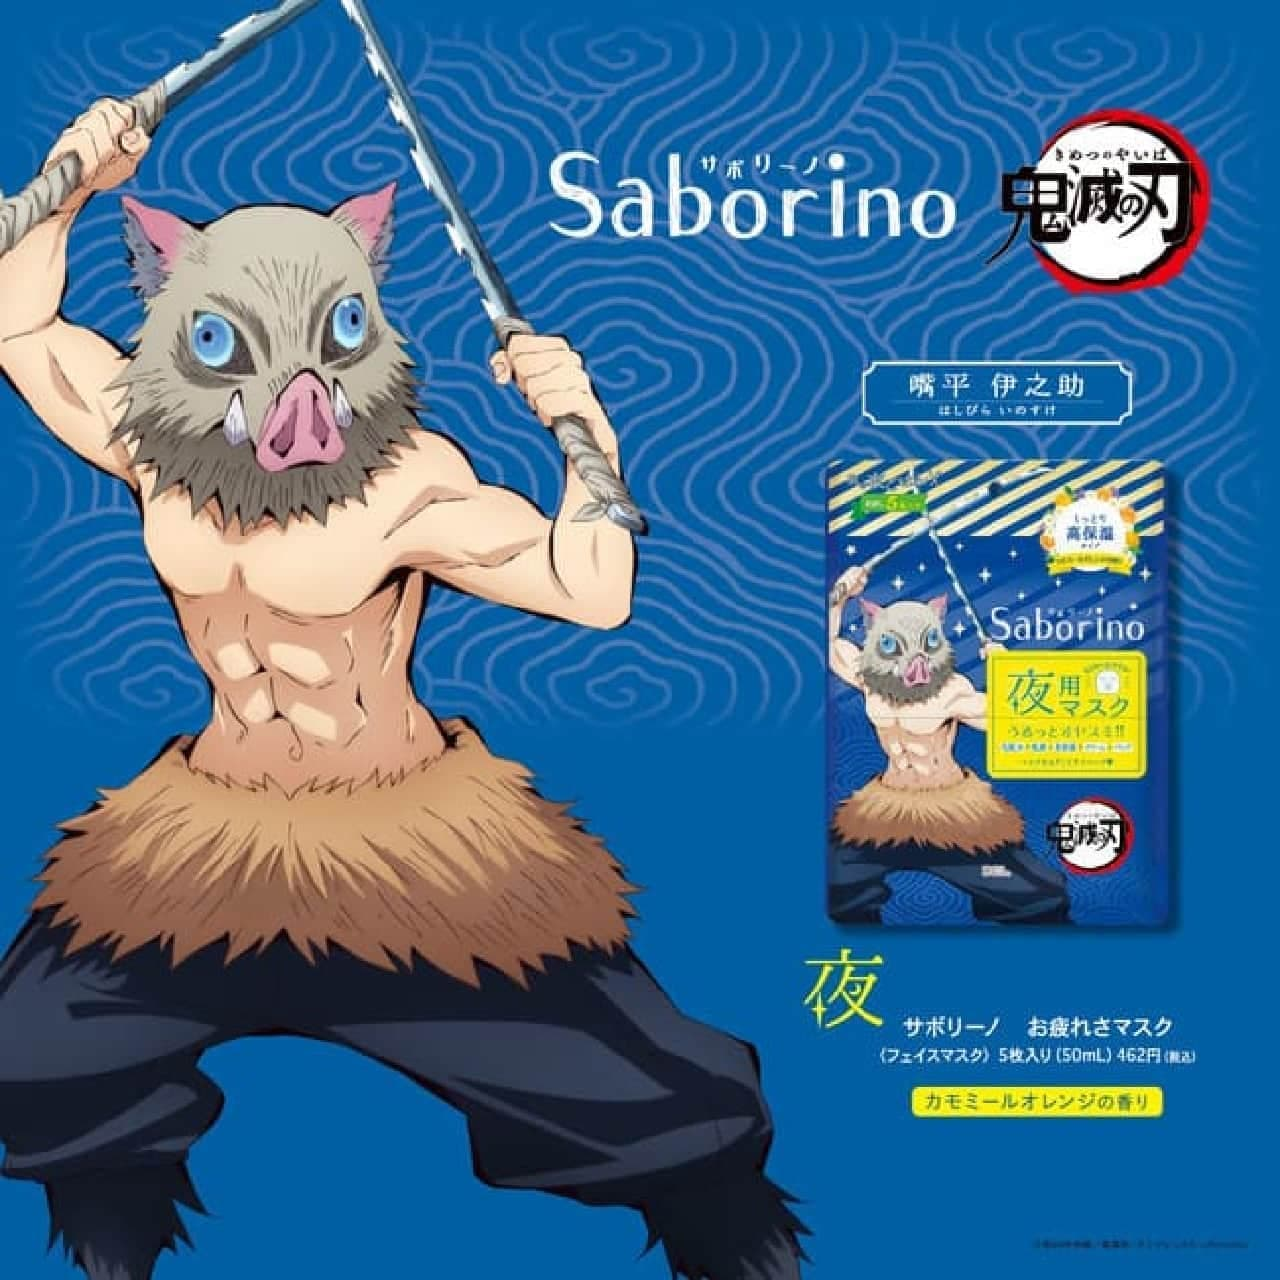 「サボリーノ お疲れさマスク」嘴平伊之助デザイン